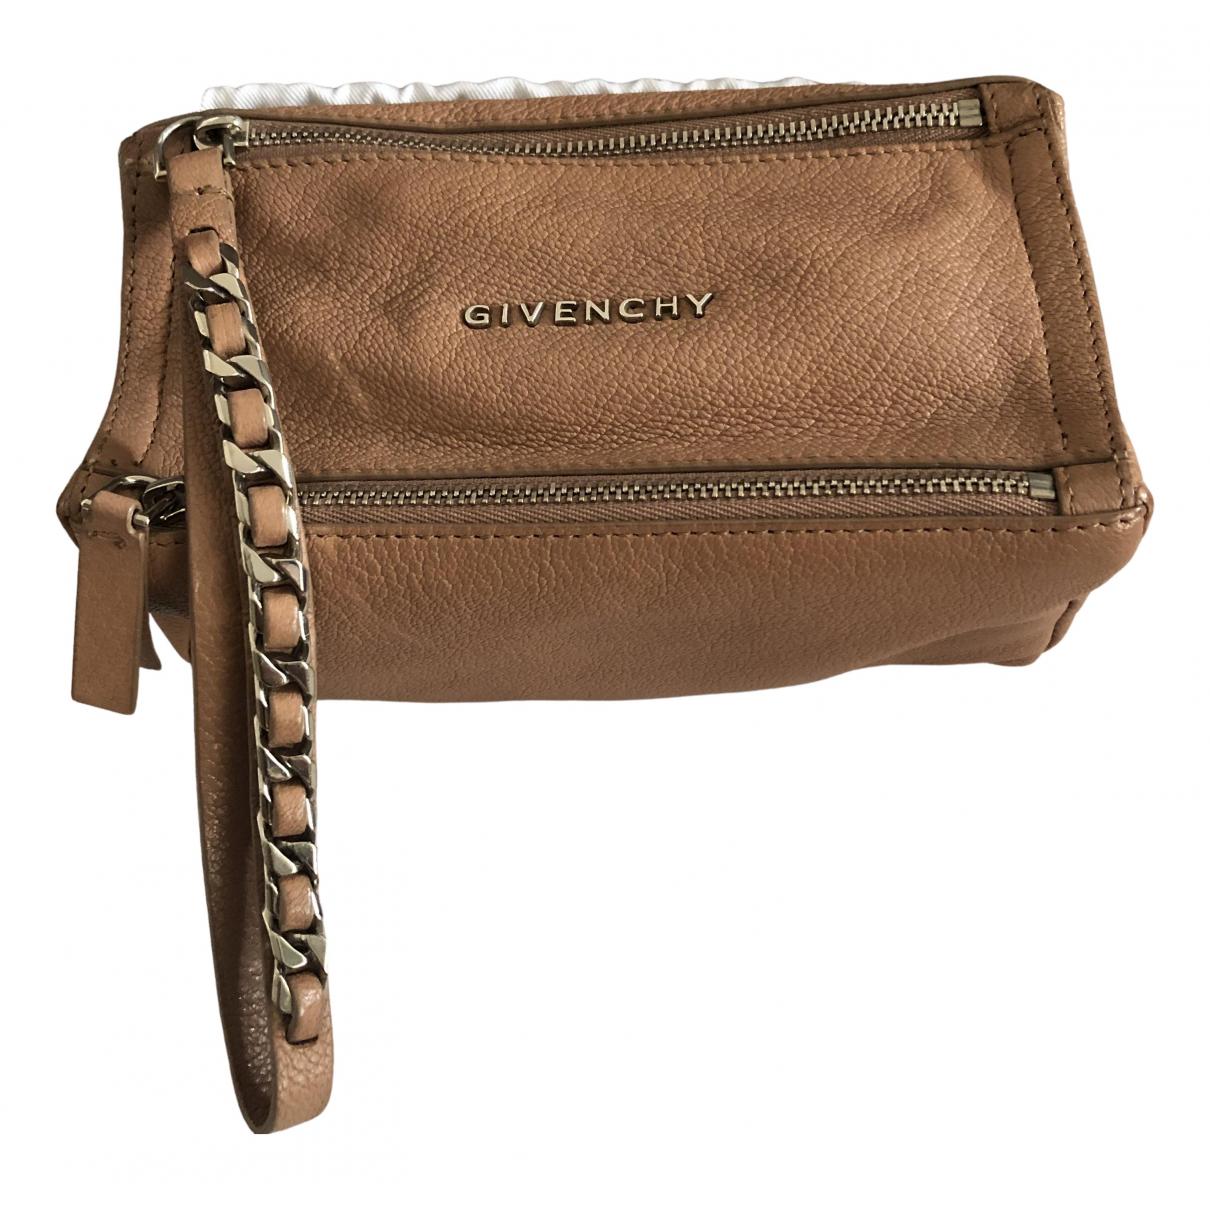 Givenchy Pandora Clutch in Leder